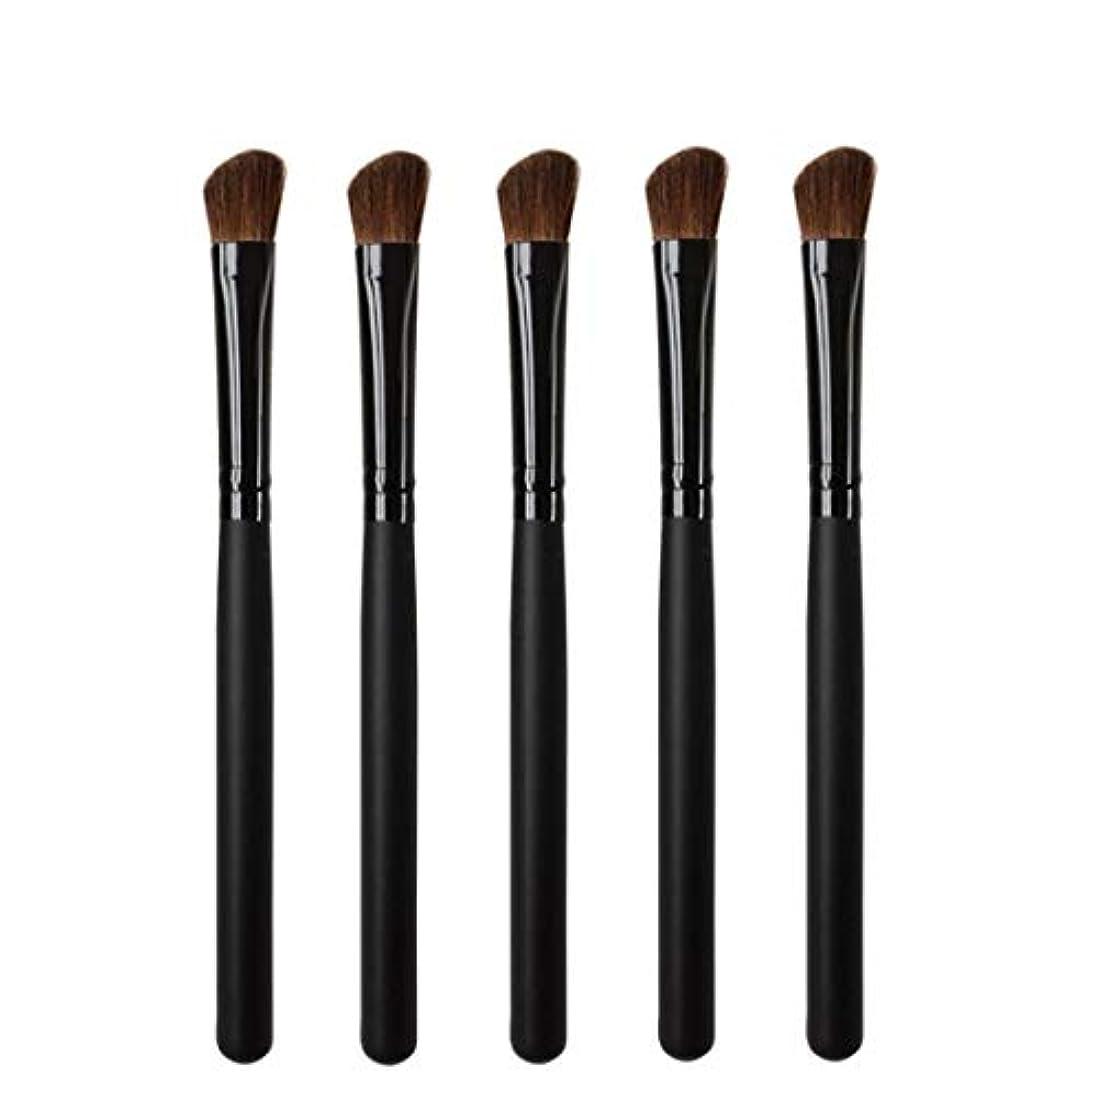 エチケットキャビン体操Makeup brushes 5リズムヘッド、持ち運びに快適な木製ハンドル、プロのアイシャドウ化粧道具 suits (Color : Black)